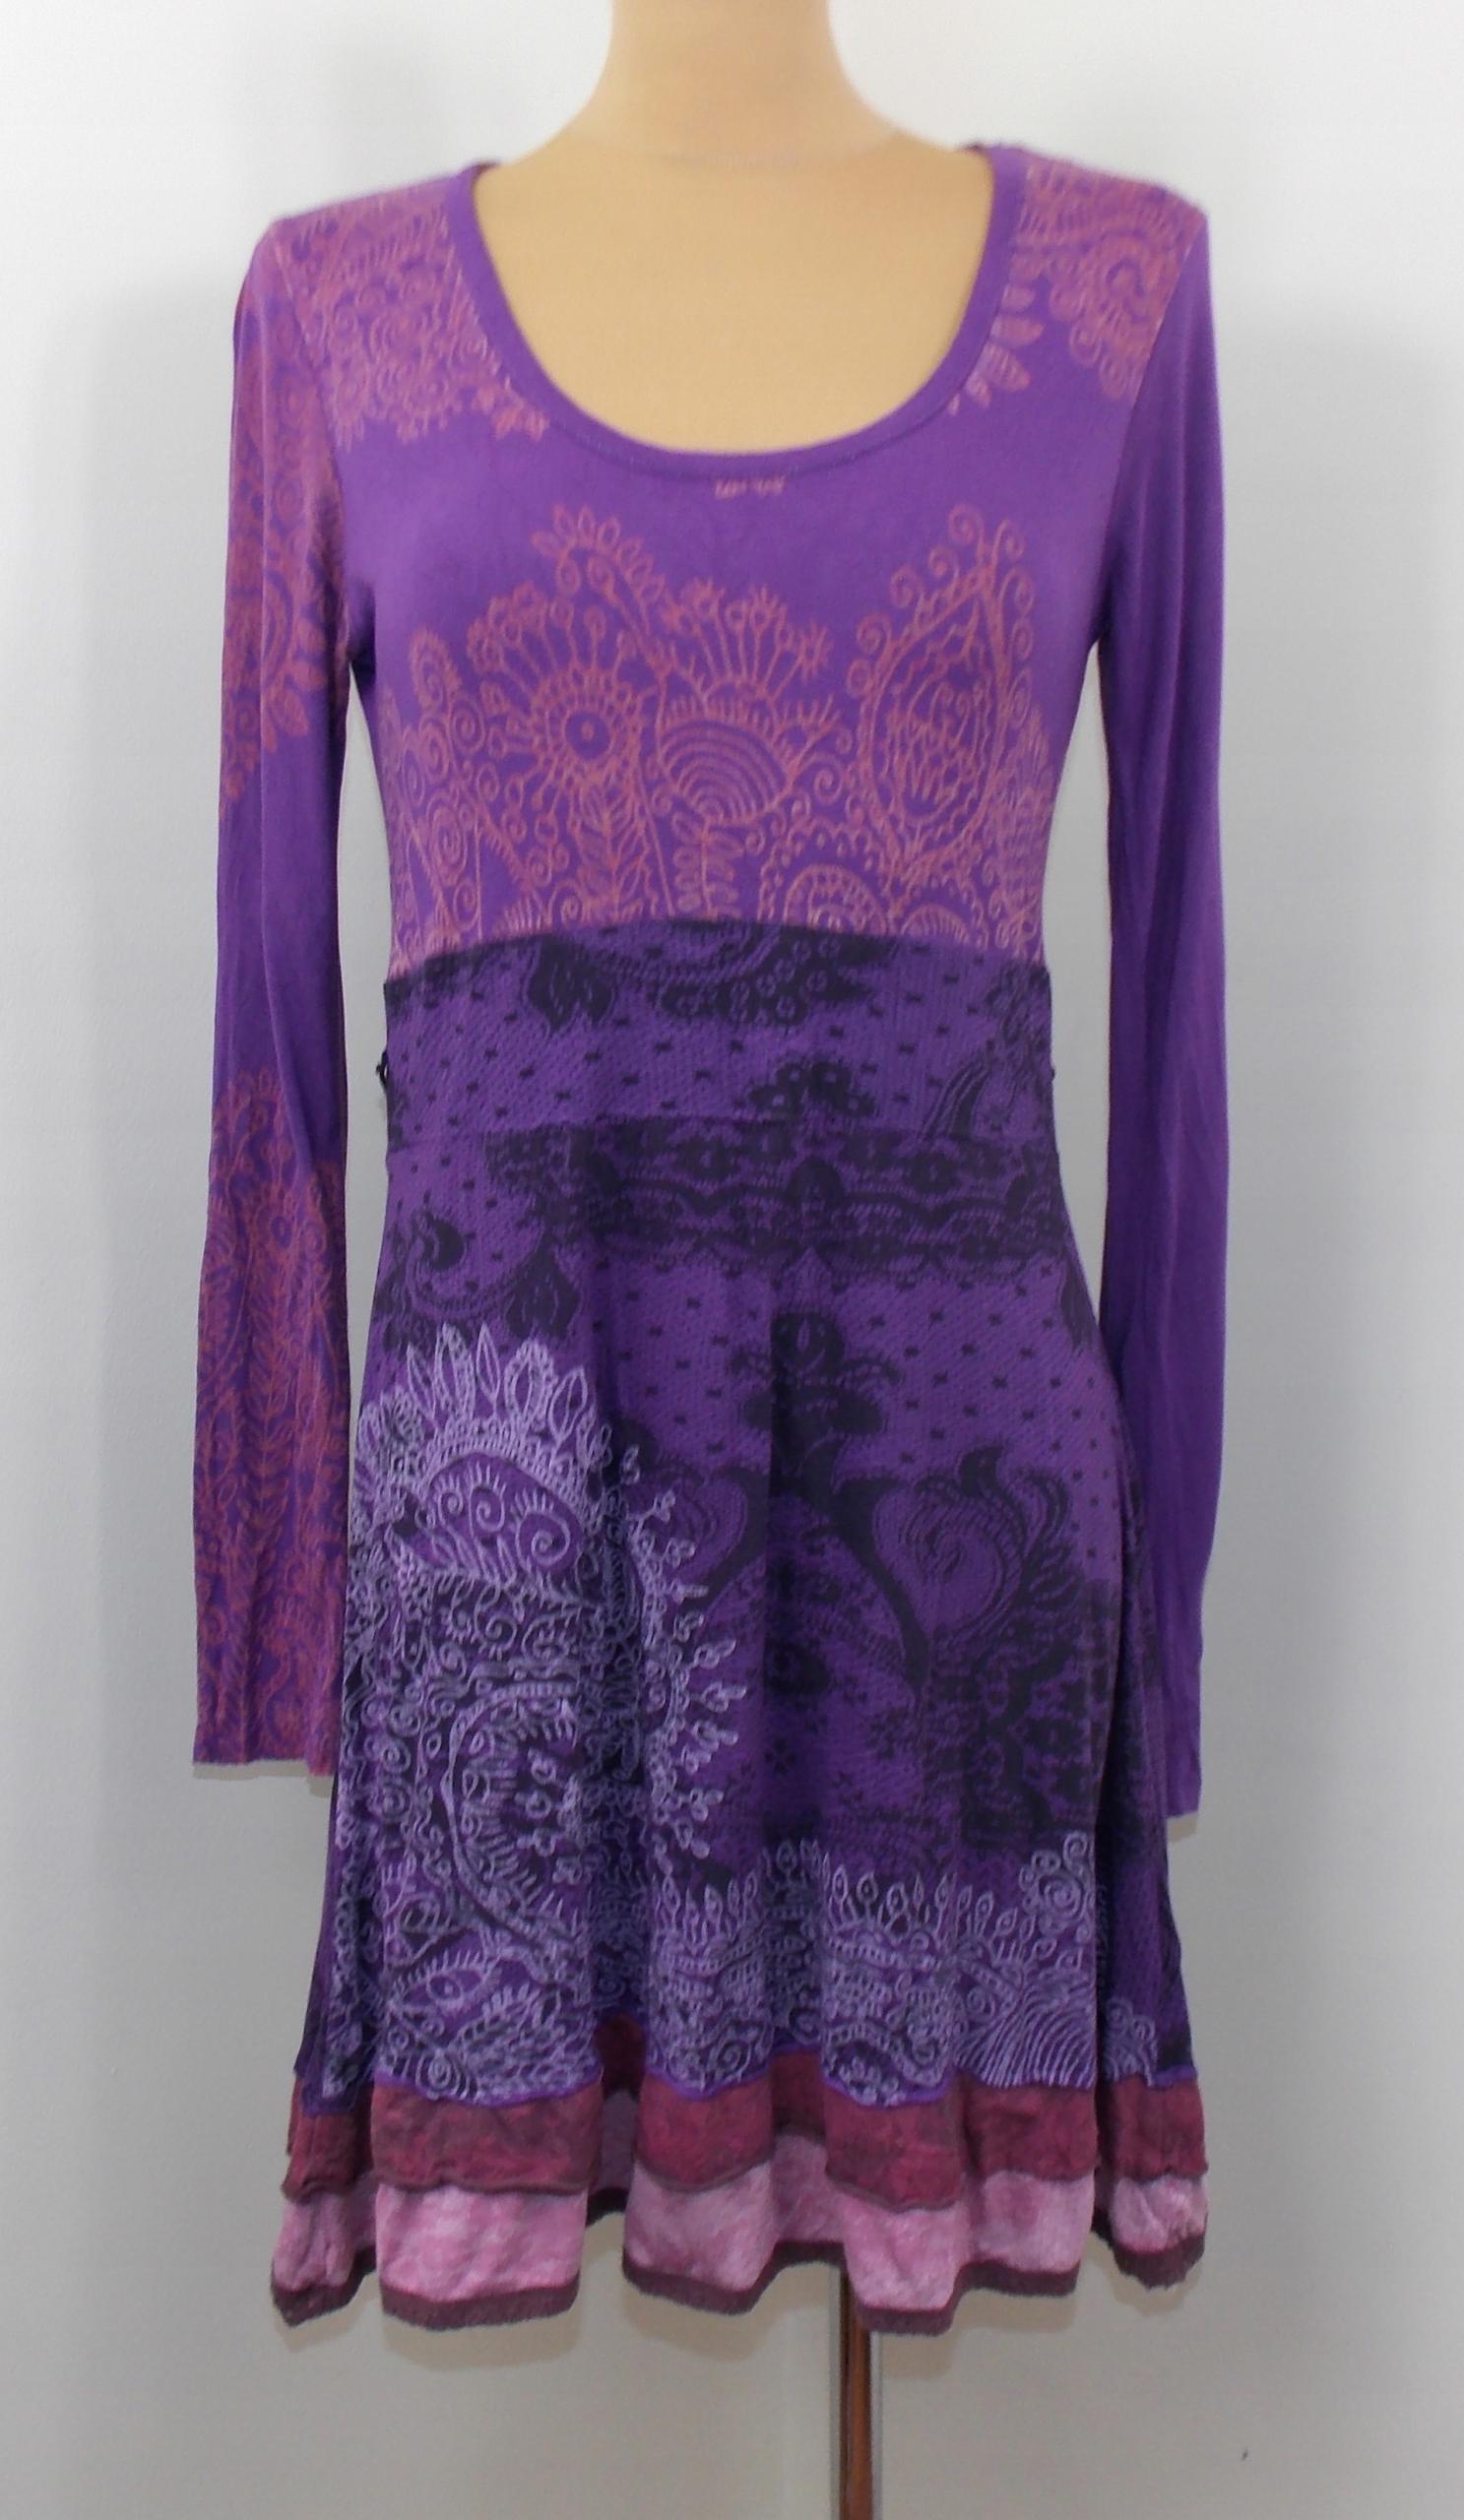 sukienka DESIGUAL klasyczna fioletowa wzory 38